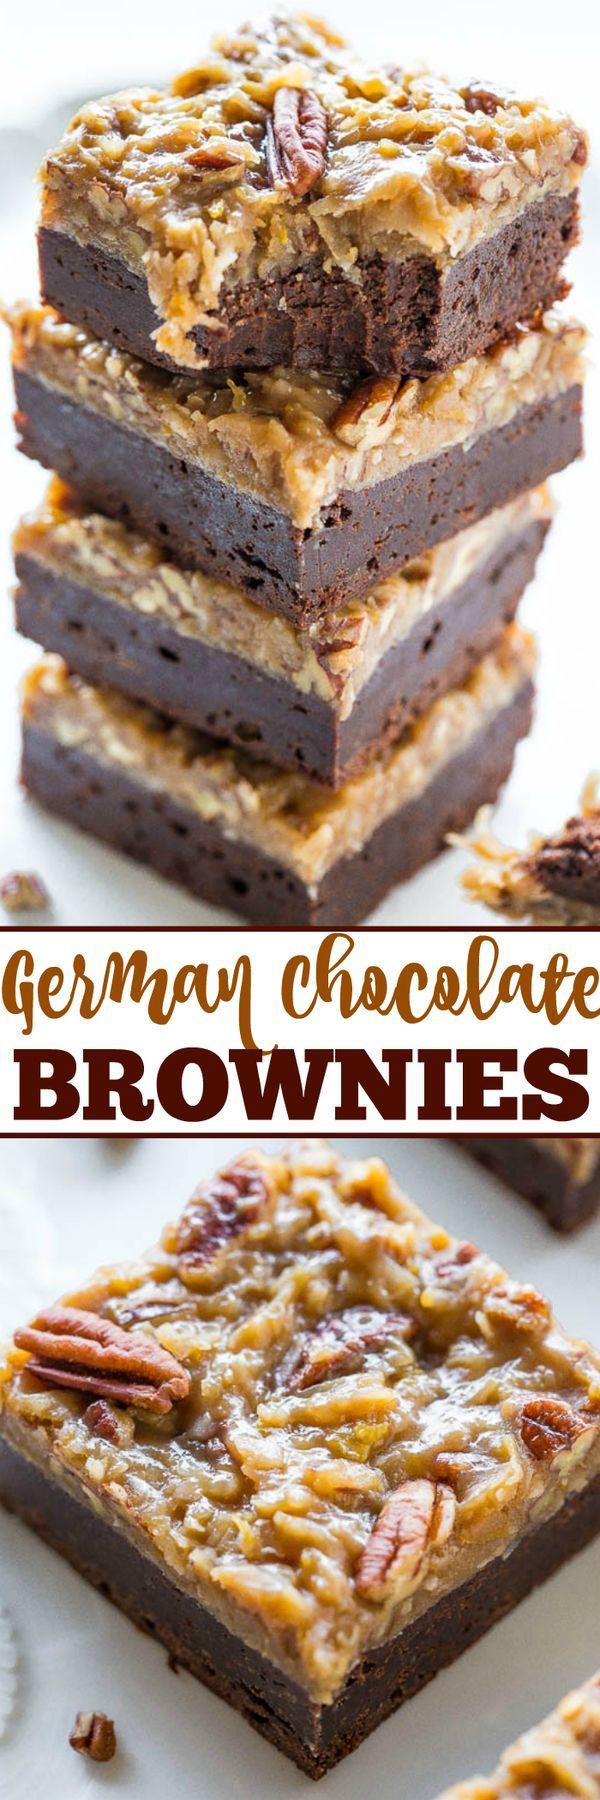 The Best German Chocolate Brownies | Posted By: DebbieNet.com